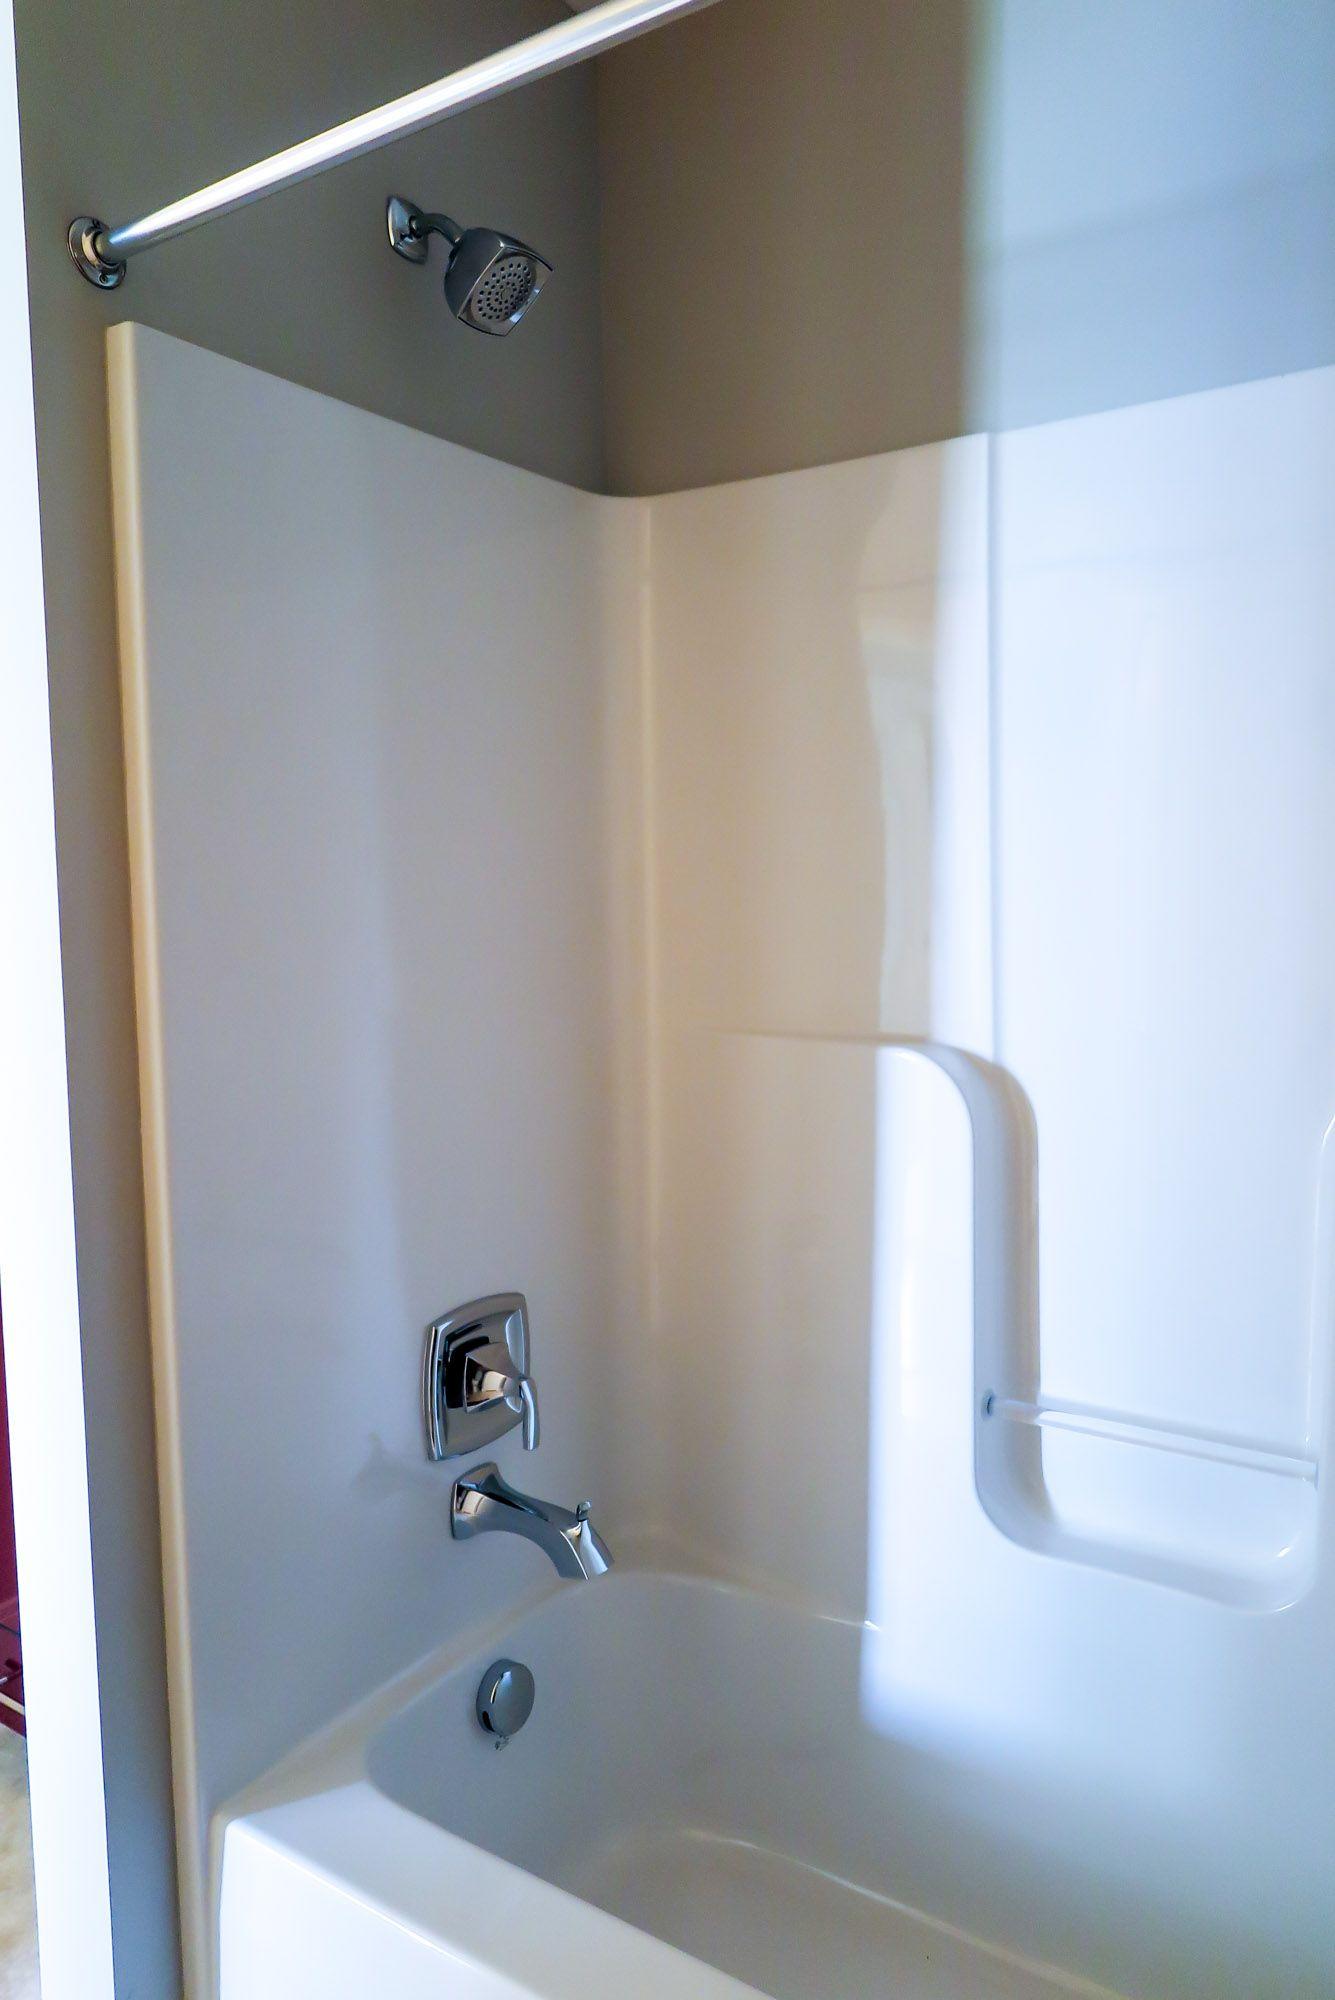 The family bath: Aker Shower with a Moen Voss T2693 faucet Moen Voss ...